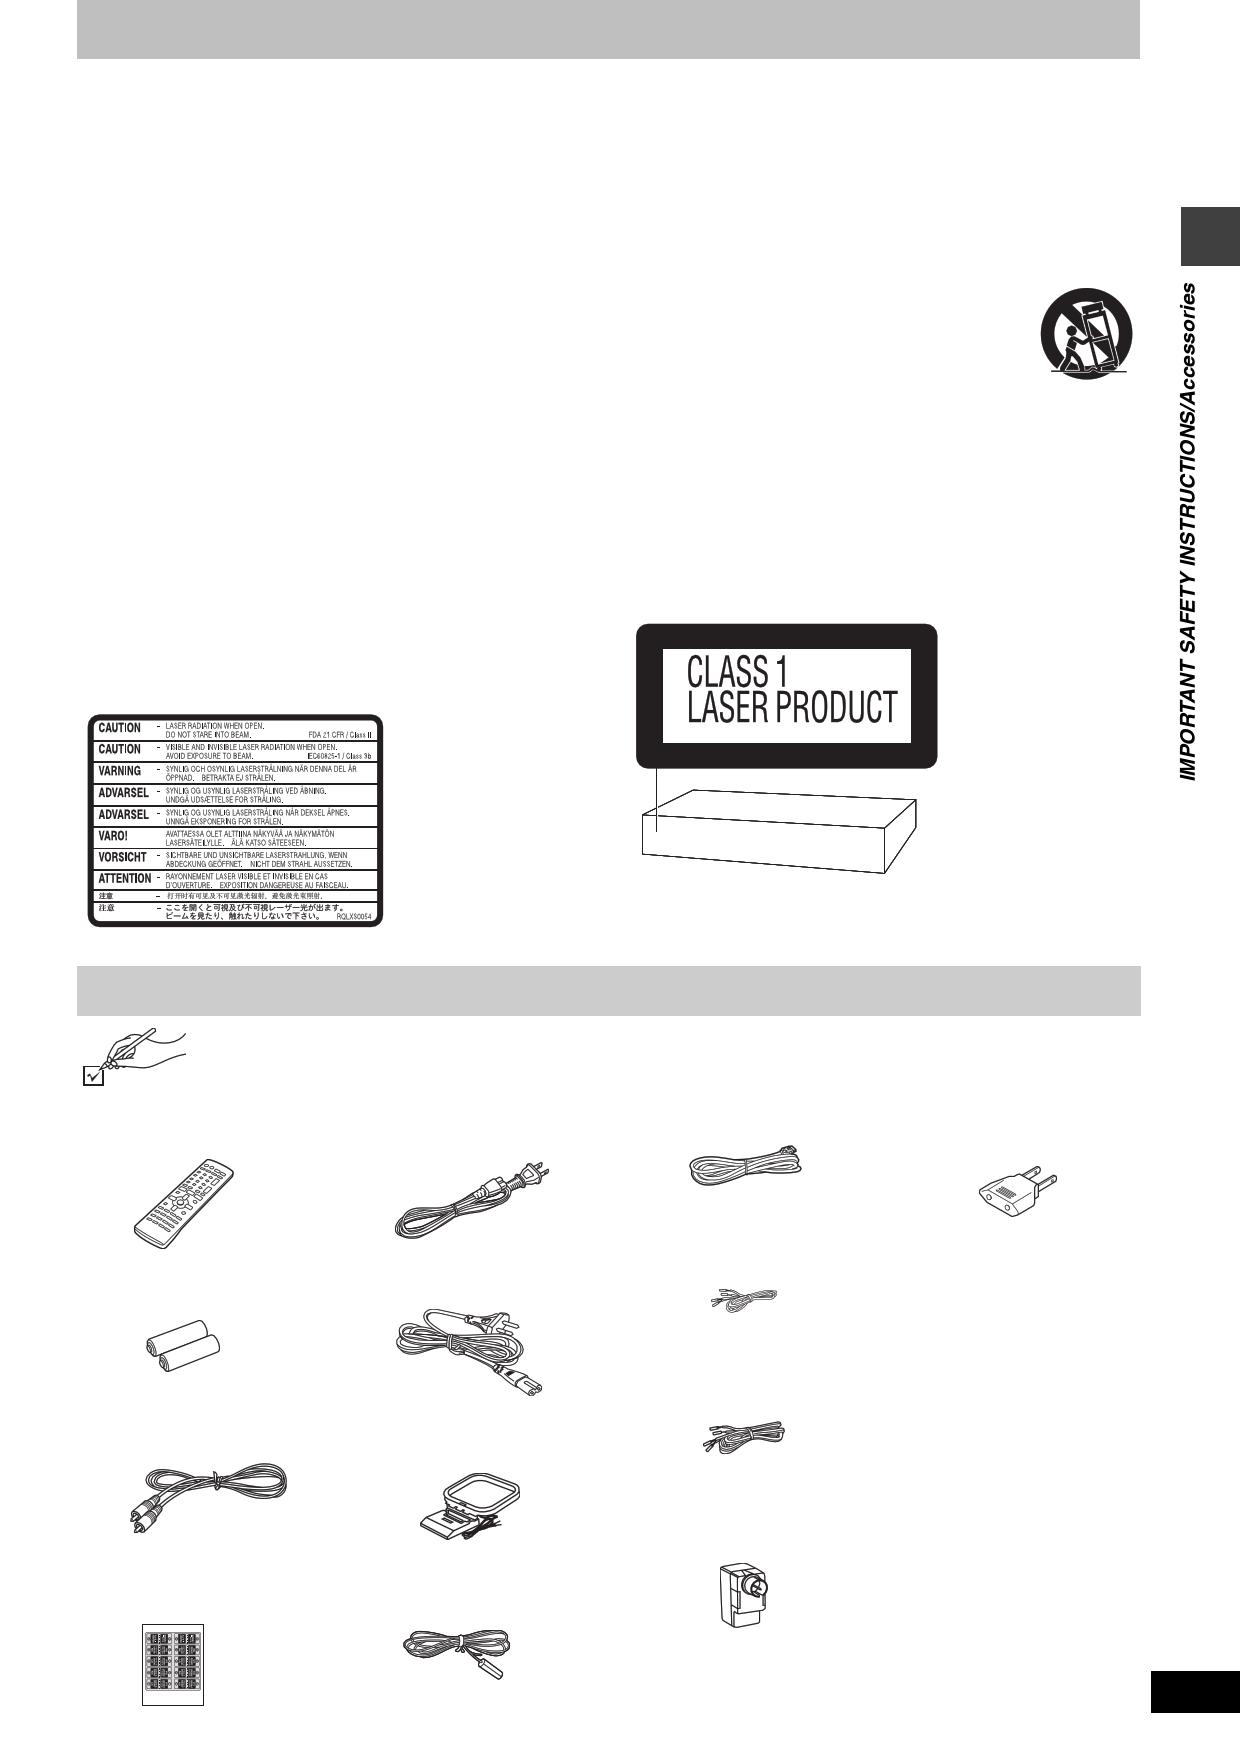 SC-HT720 pdf, ピン配列